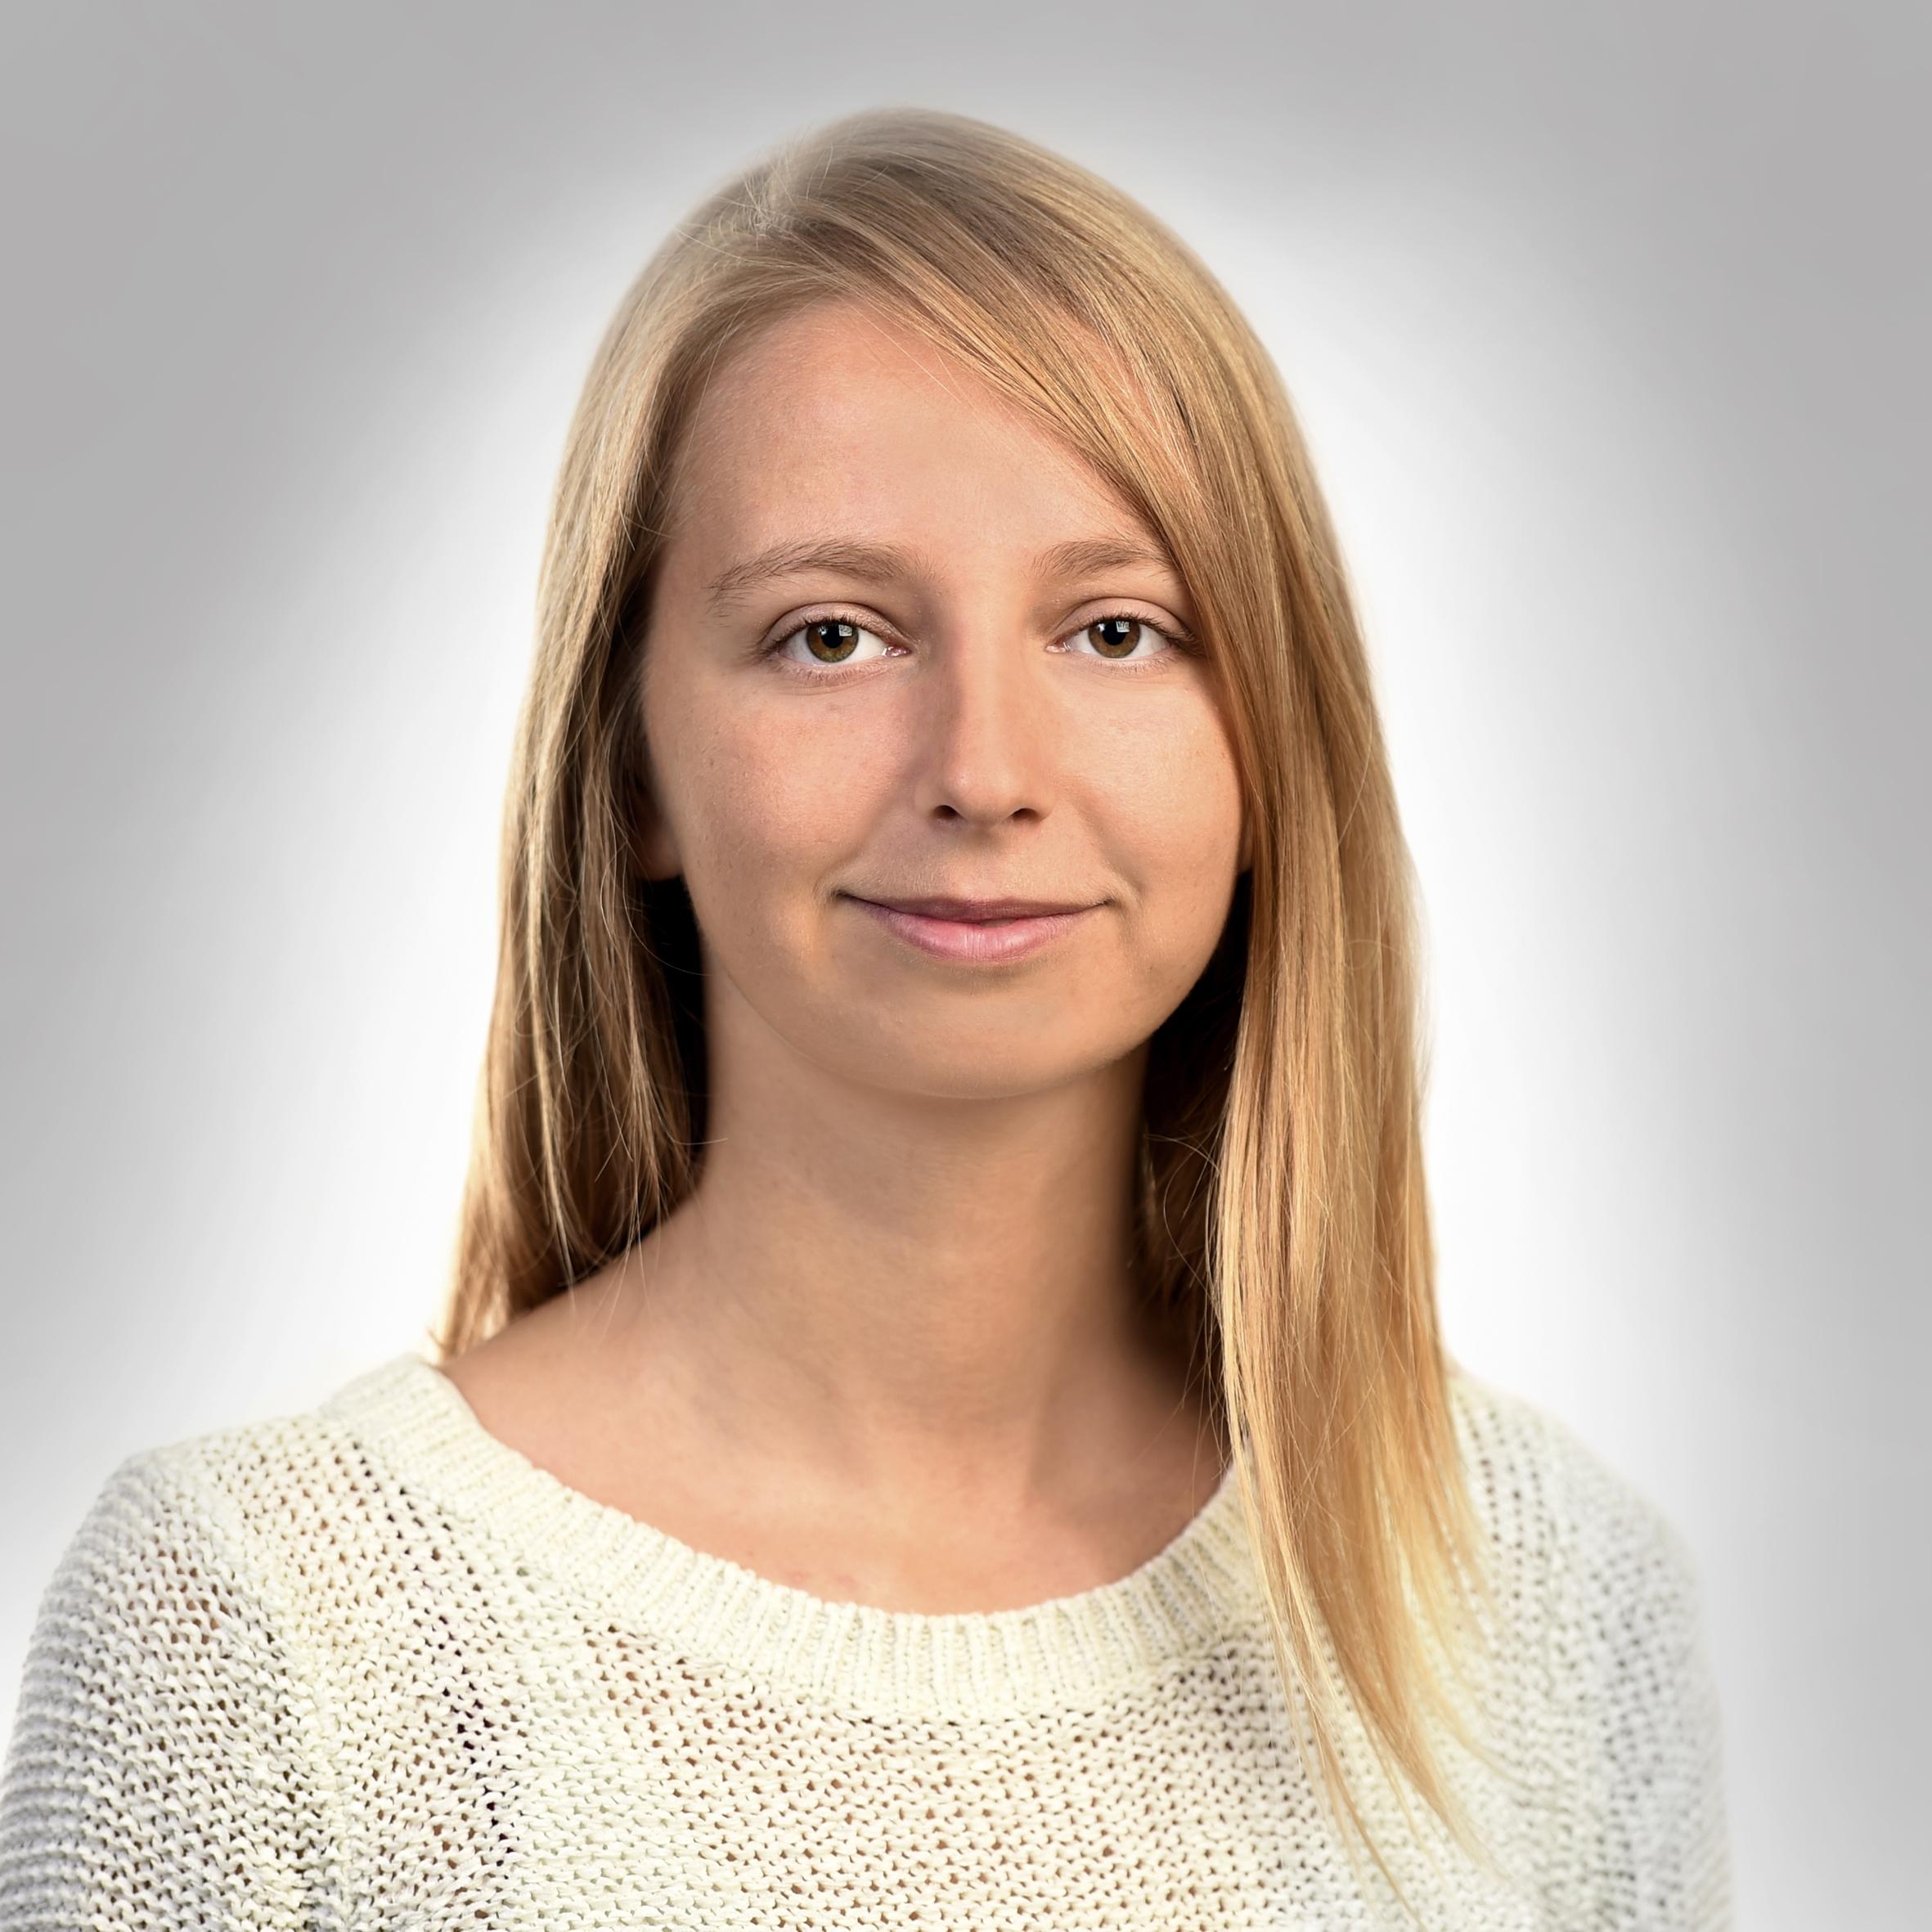 Janina Tobler   Janina Tobler ist Miterzieherin auf der Kleinkindgruppe. Janina ist ausgebildete Fachfrau Betreuung Kind.